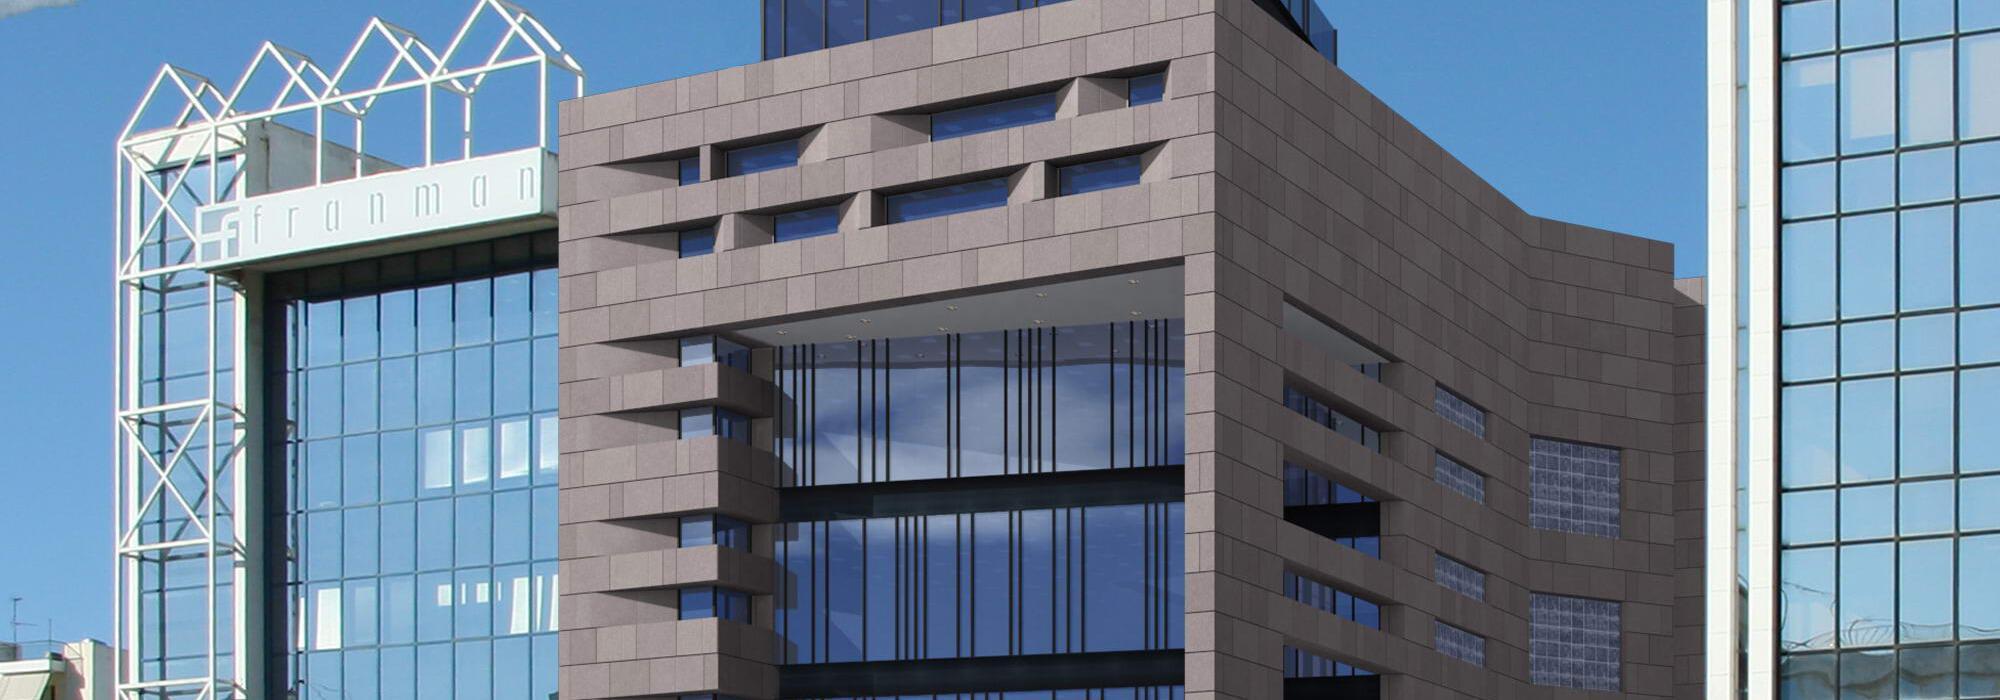 Λεωφόρος Συγγρού επαγγελματικό κτίριο γραφείων